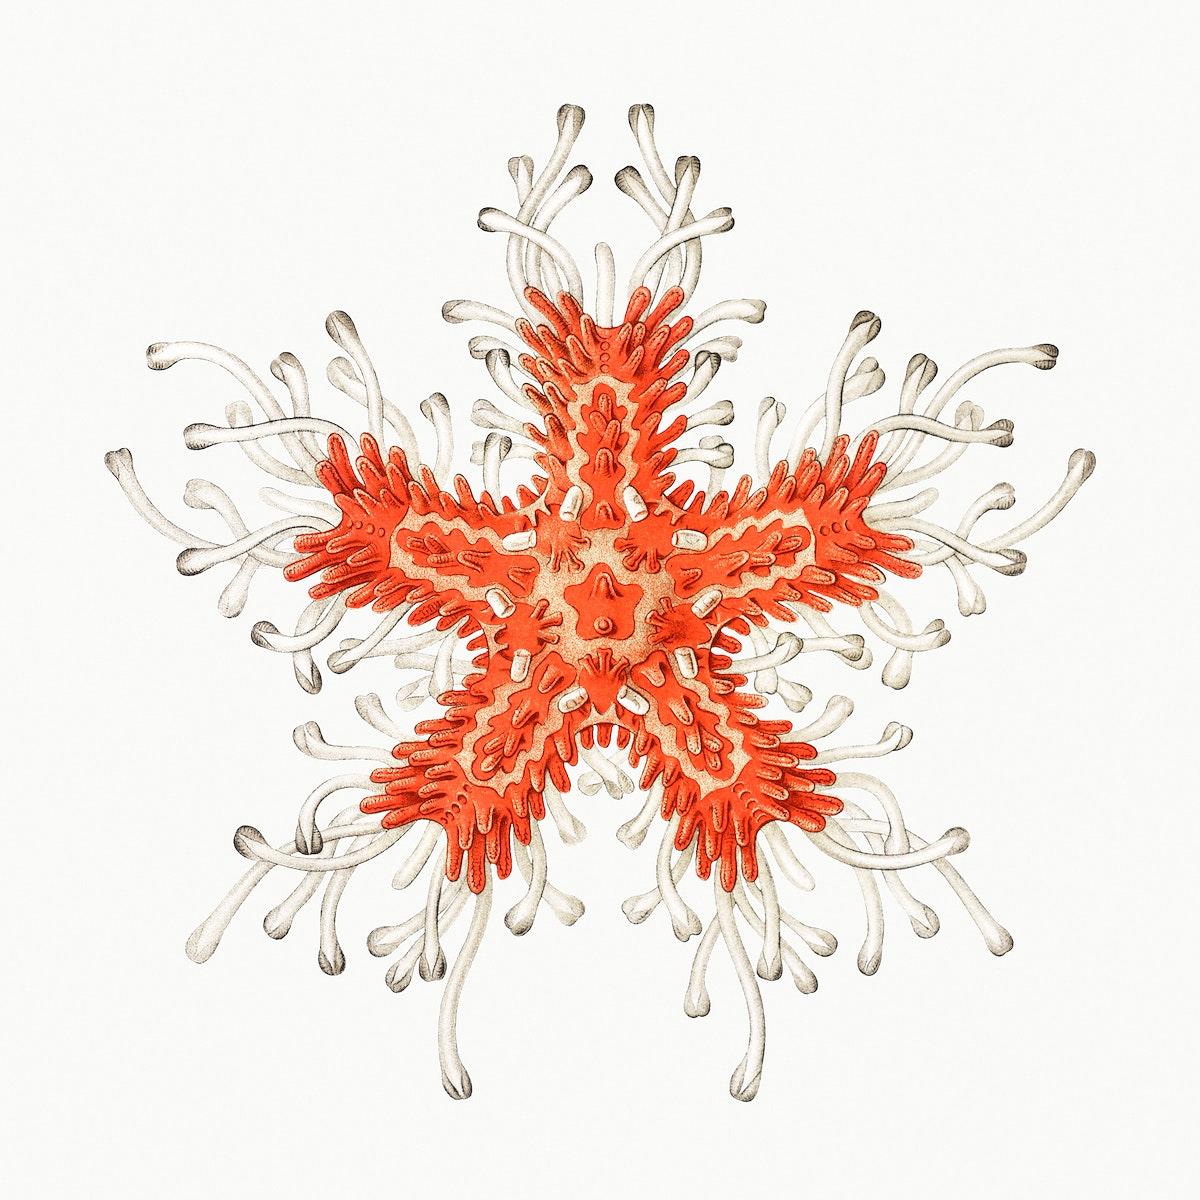 Vintage starfish marine life illustration